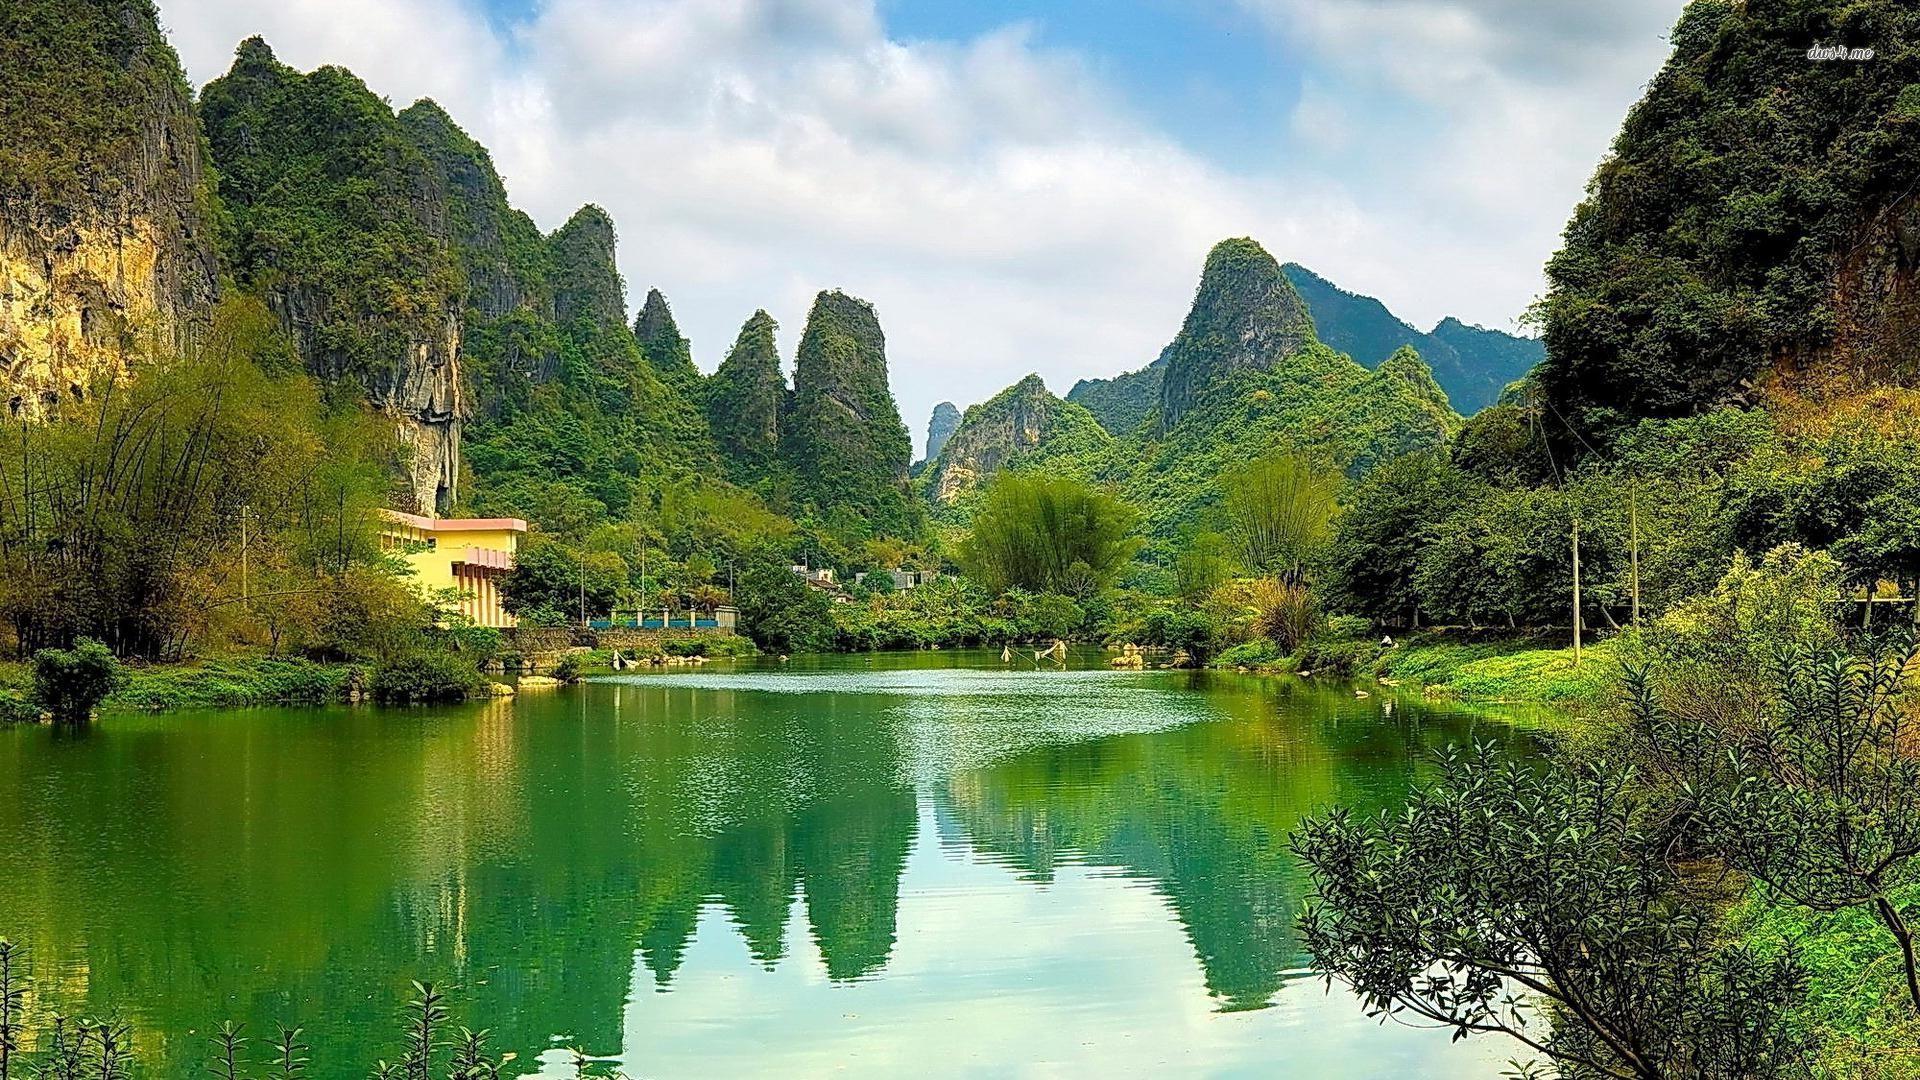 China Nature - Google Search